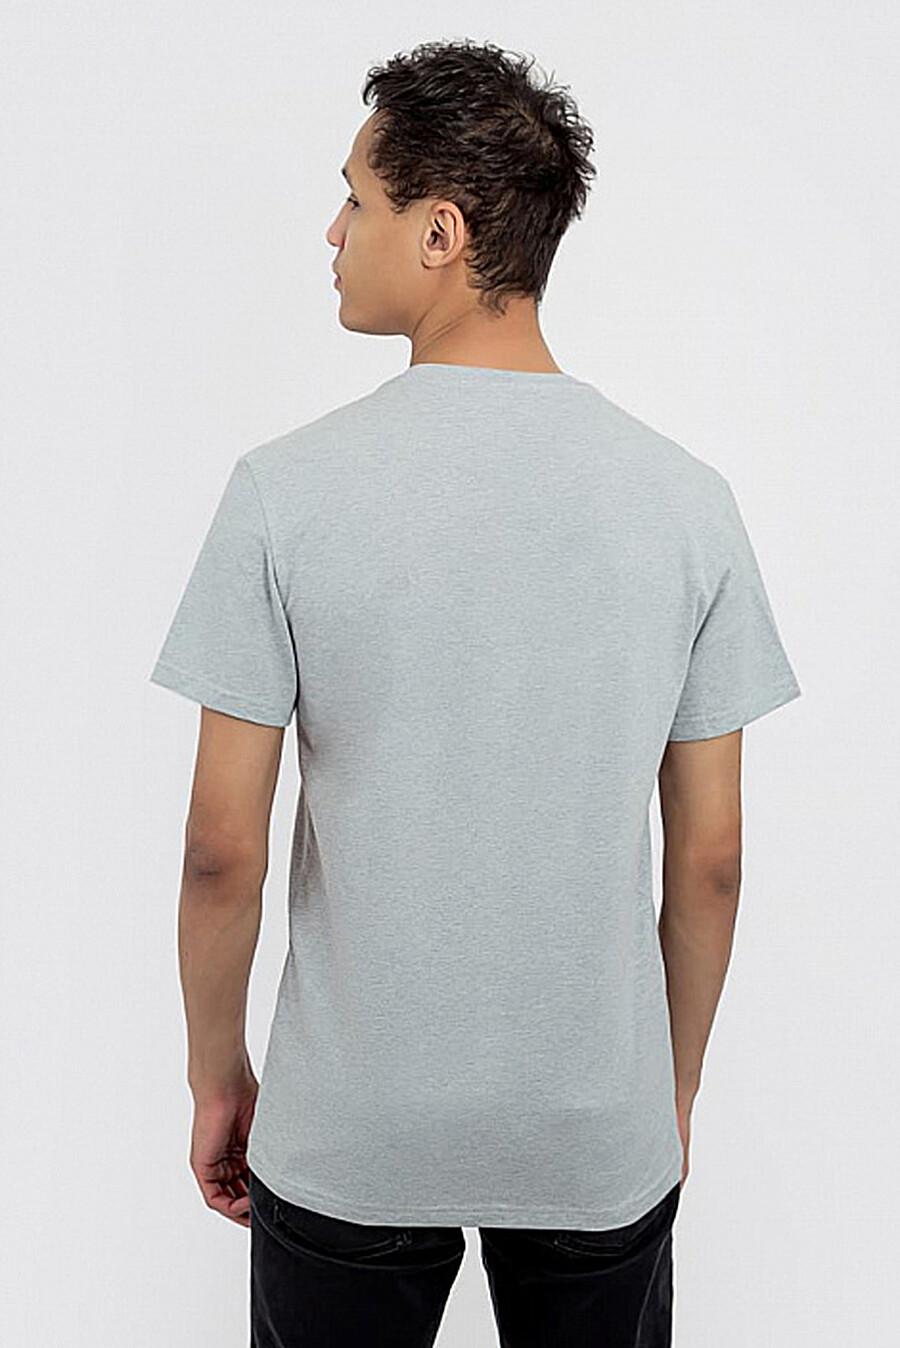 Фуфайка для мужчин MARK FORMELLE 218319 купить оптом от производителя. Совместная покупка мужской одежды в OptMoyo